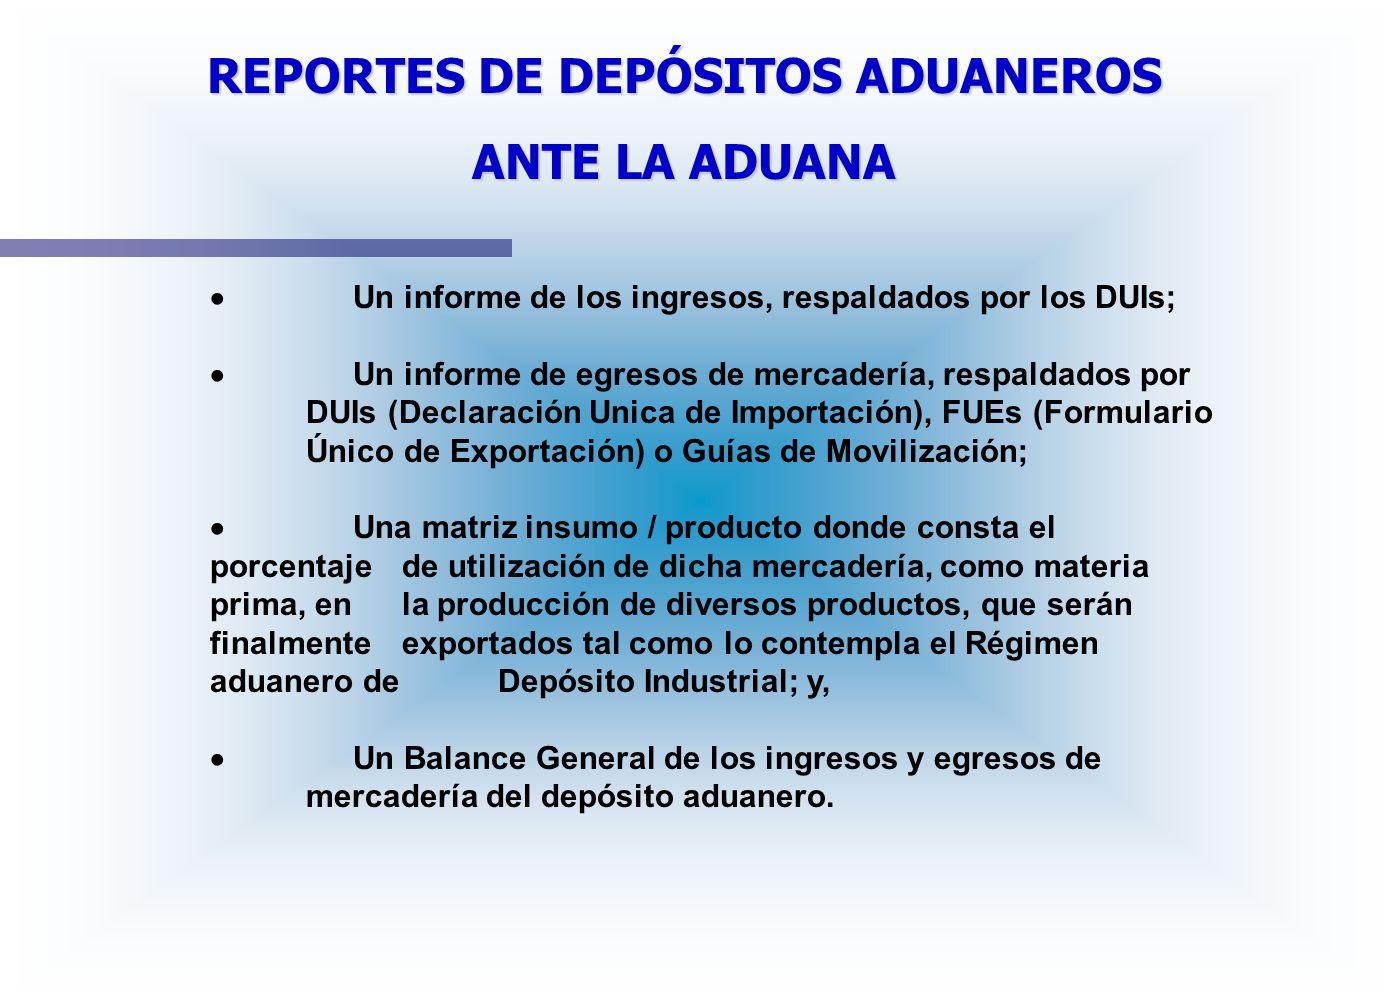 REPORTES DE DEPÓSITOS ADUANEROS ANTE LA ADUANA Un informe de los ingresos, respaldados por los DUIs; Un informe de egresos de mercadería, respaldados